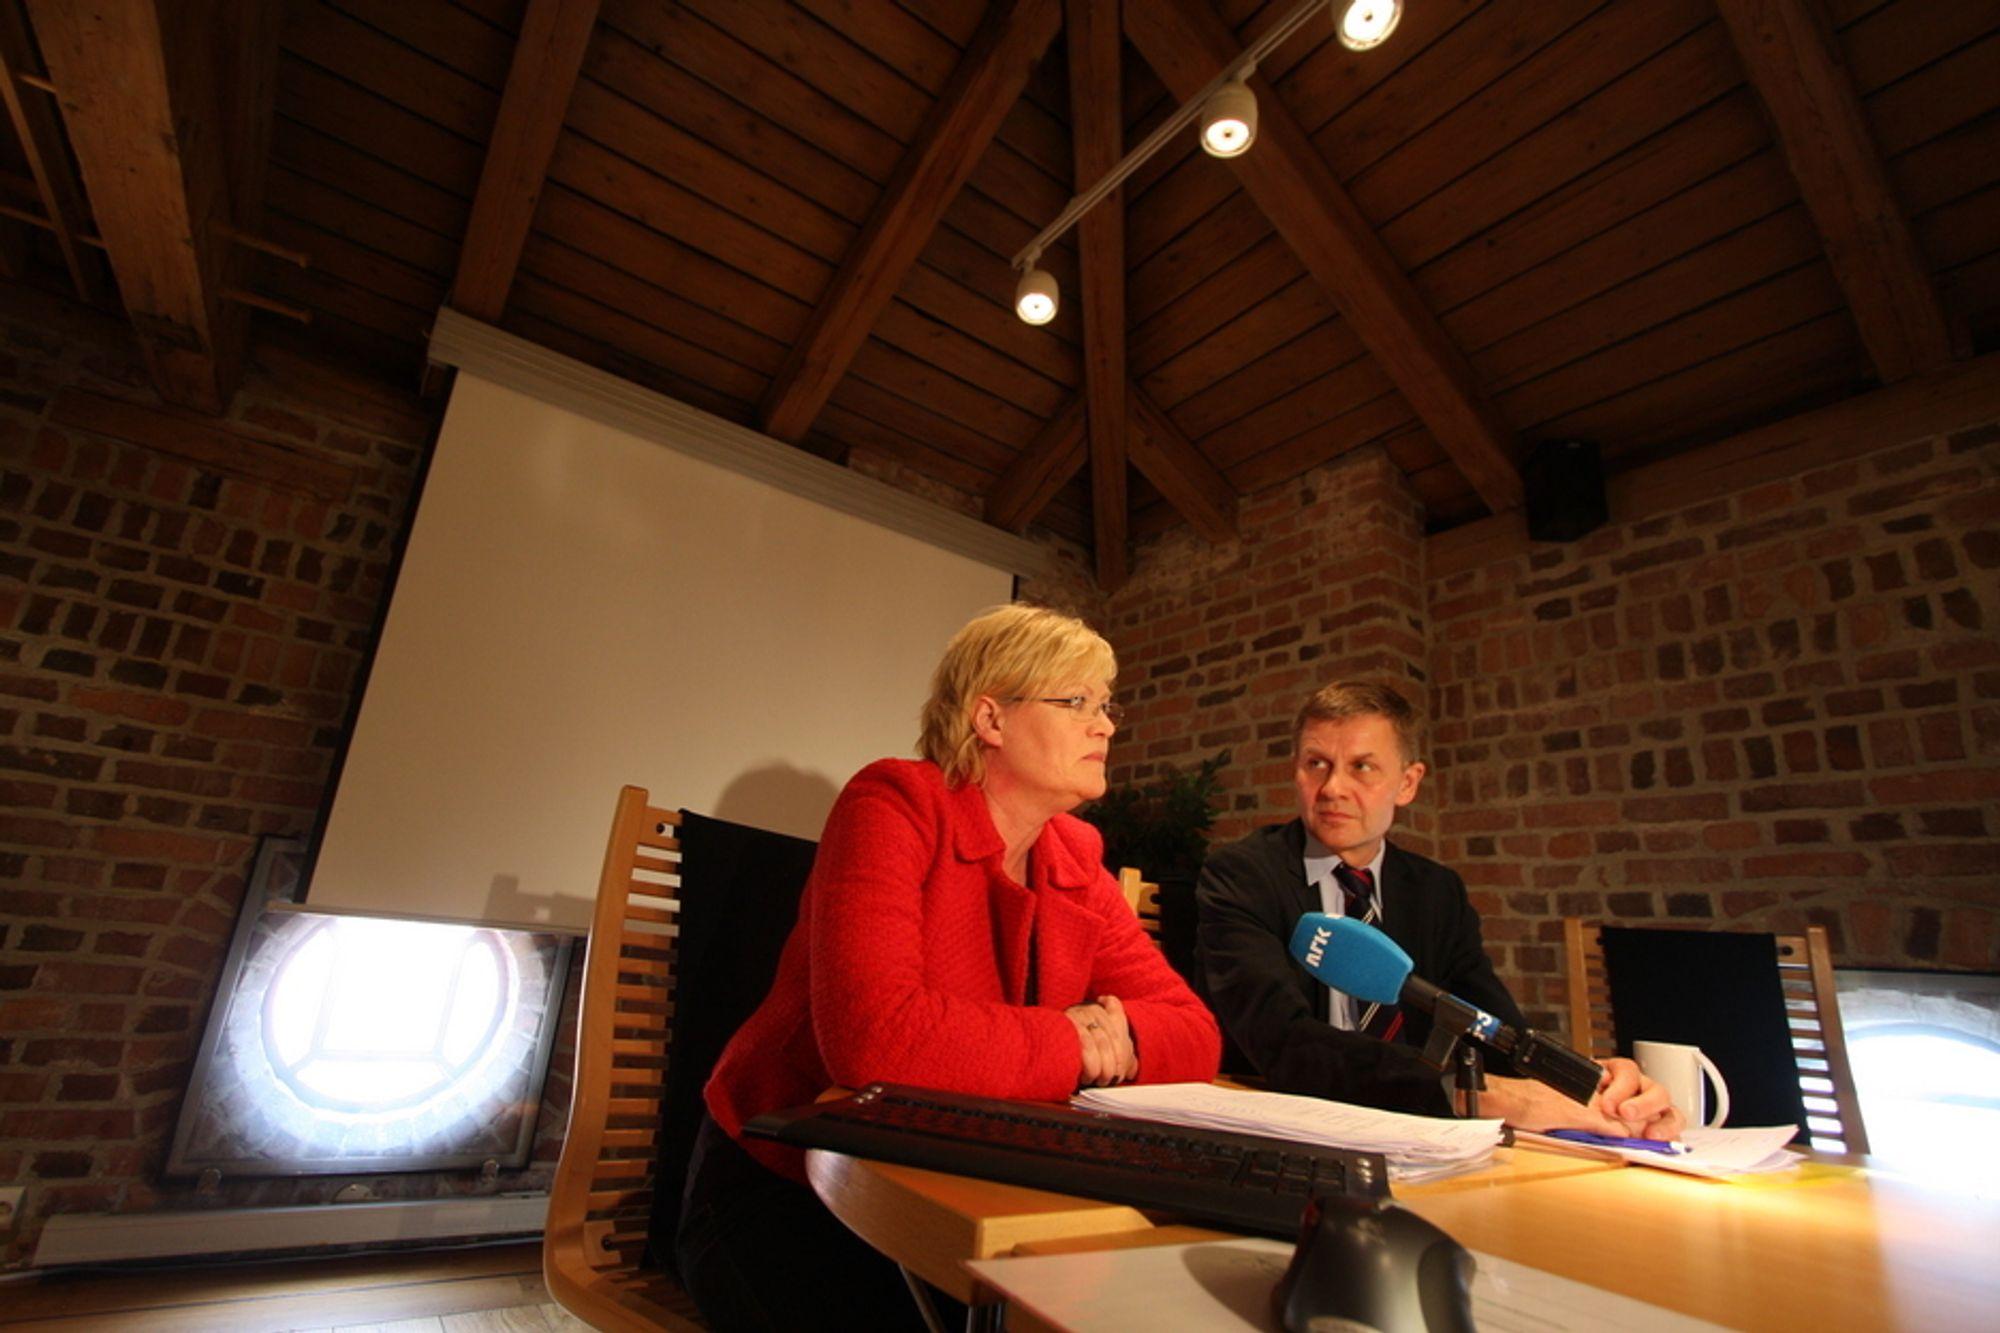 MILJØTEKNOLOGI: Utdanningsminister og SV-leder Kristin Halvorsen og miljøvernminister Erik Solheim presenterte regjeringens nye satsing. Industrien vil helst ha mer.